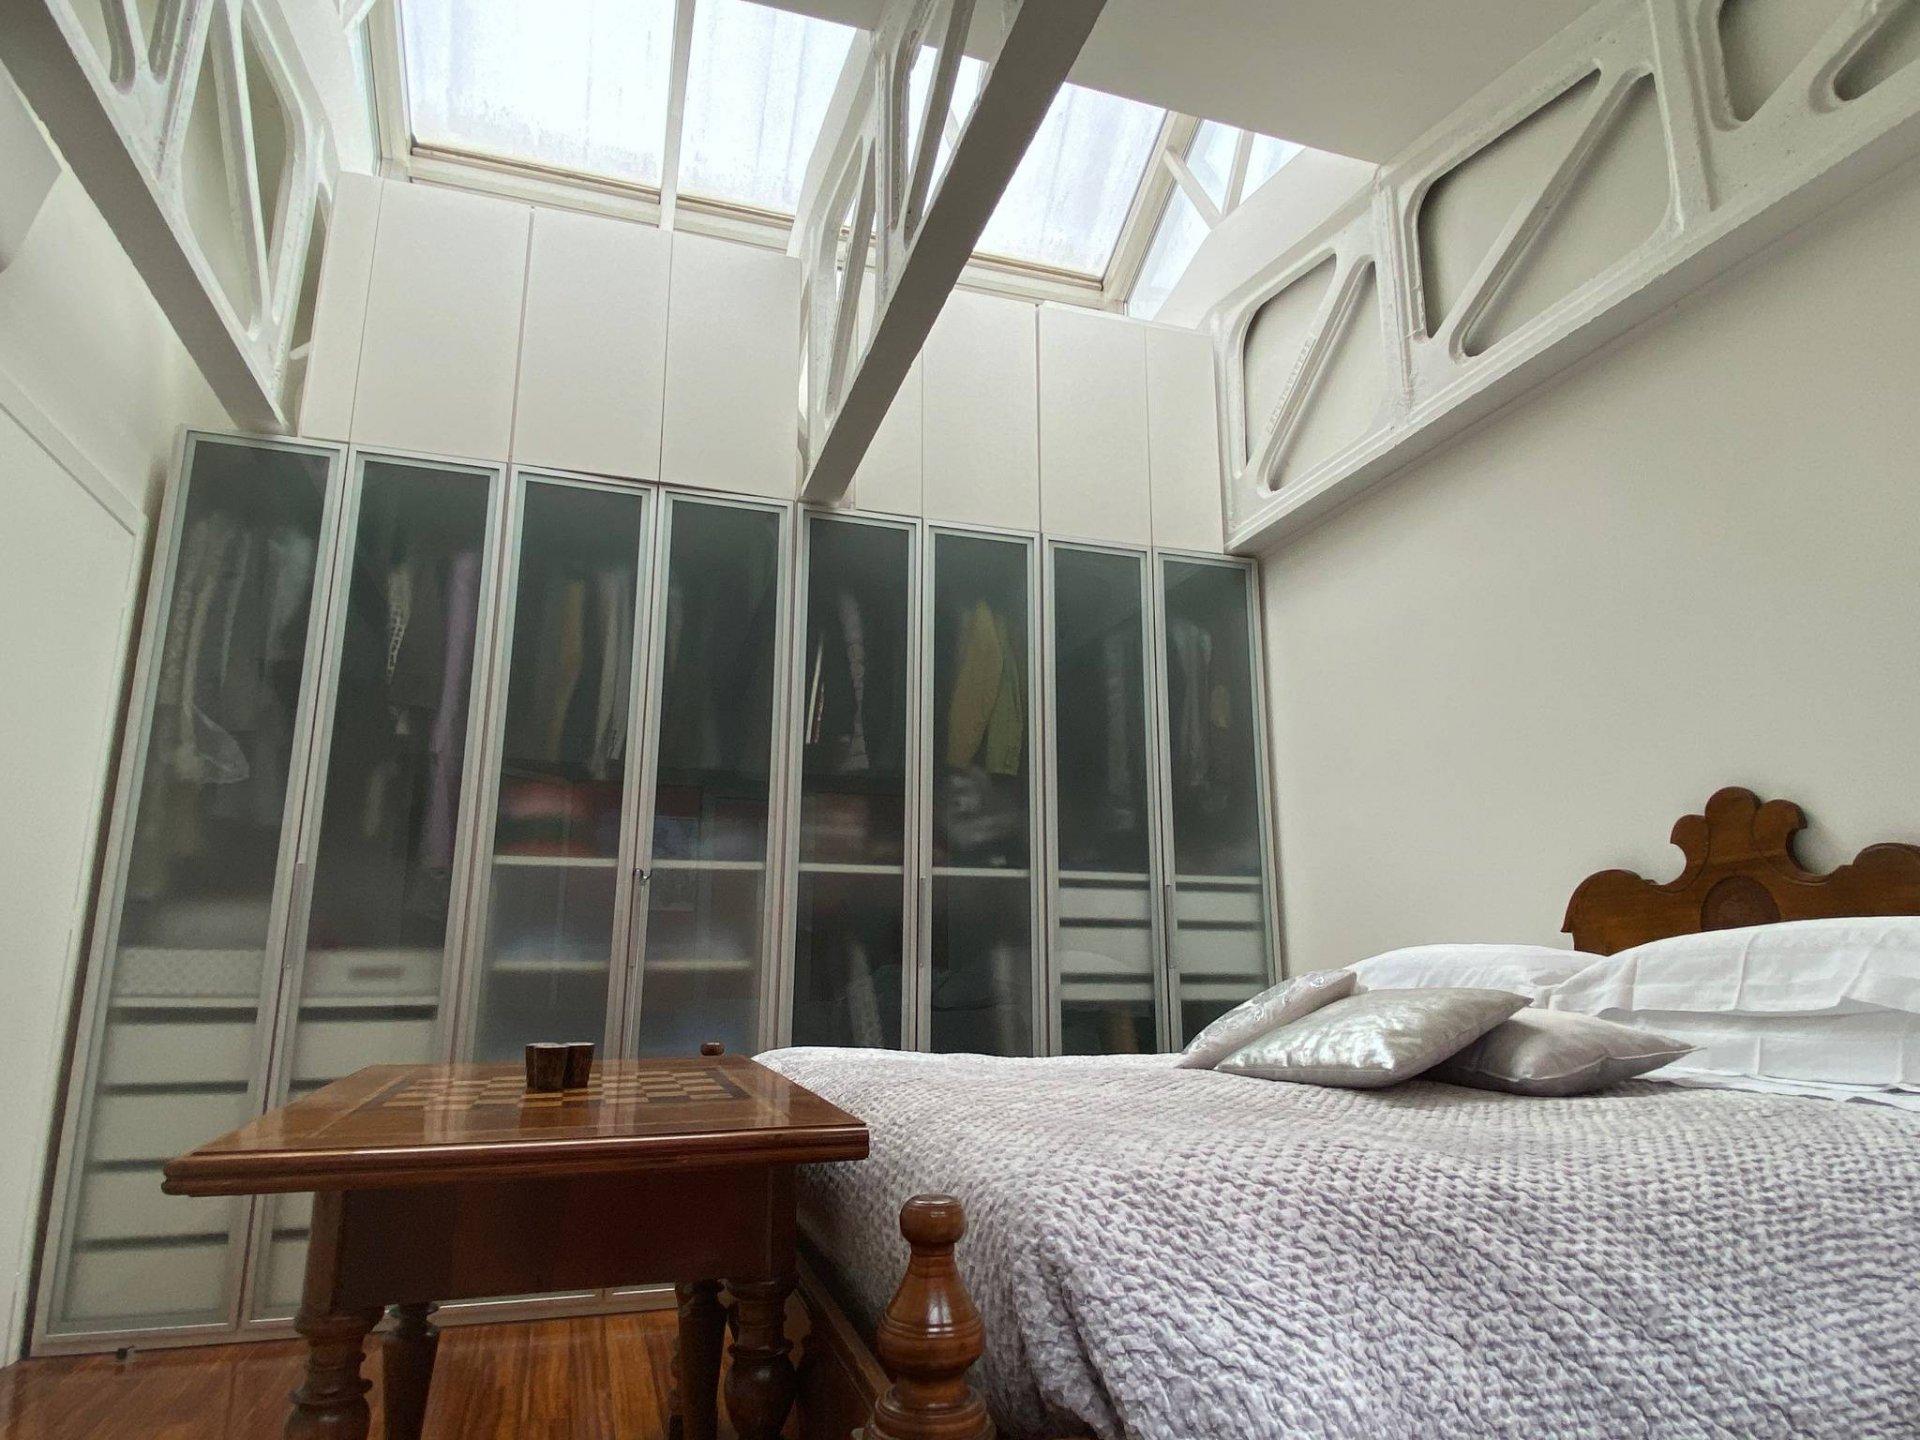 Residenza di charme, loft su due livelli per totali 170 mq .